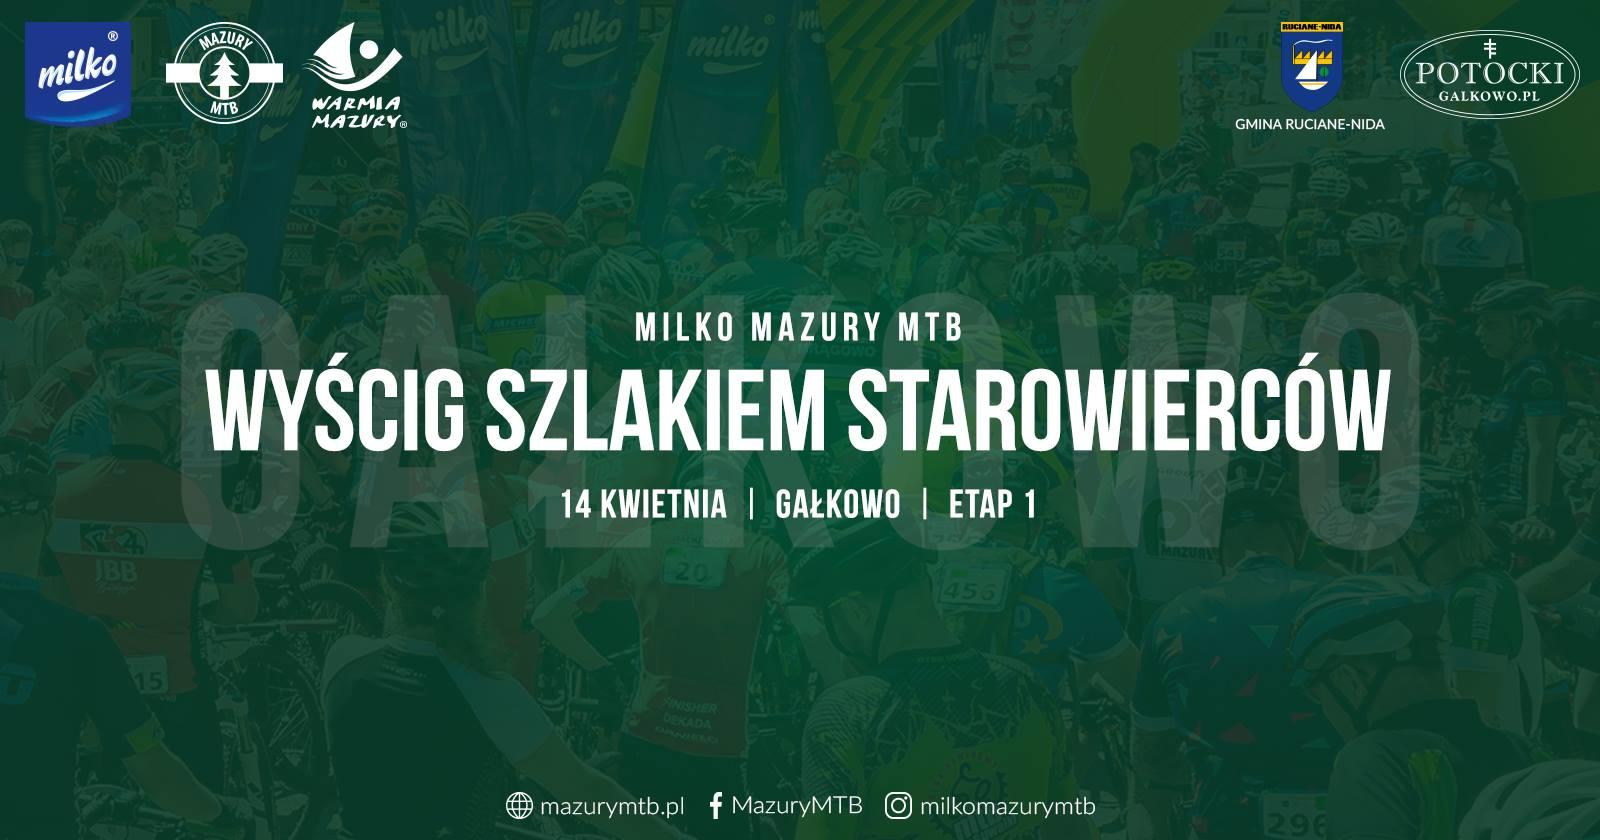 Nowy sezon Milko Mazury MTB 2019 wystartuje w Gałkowie